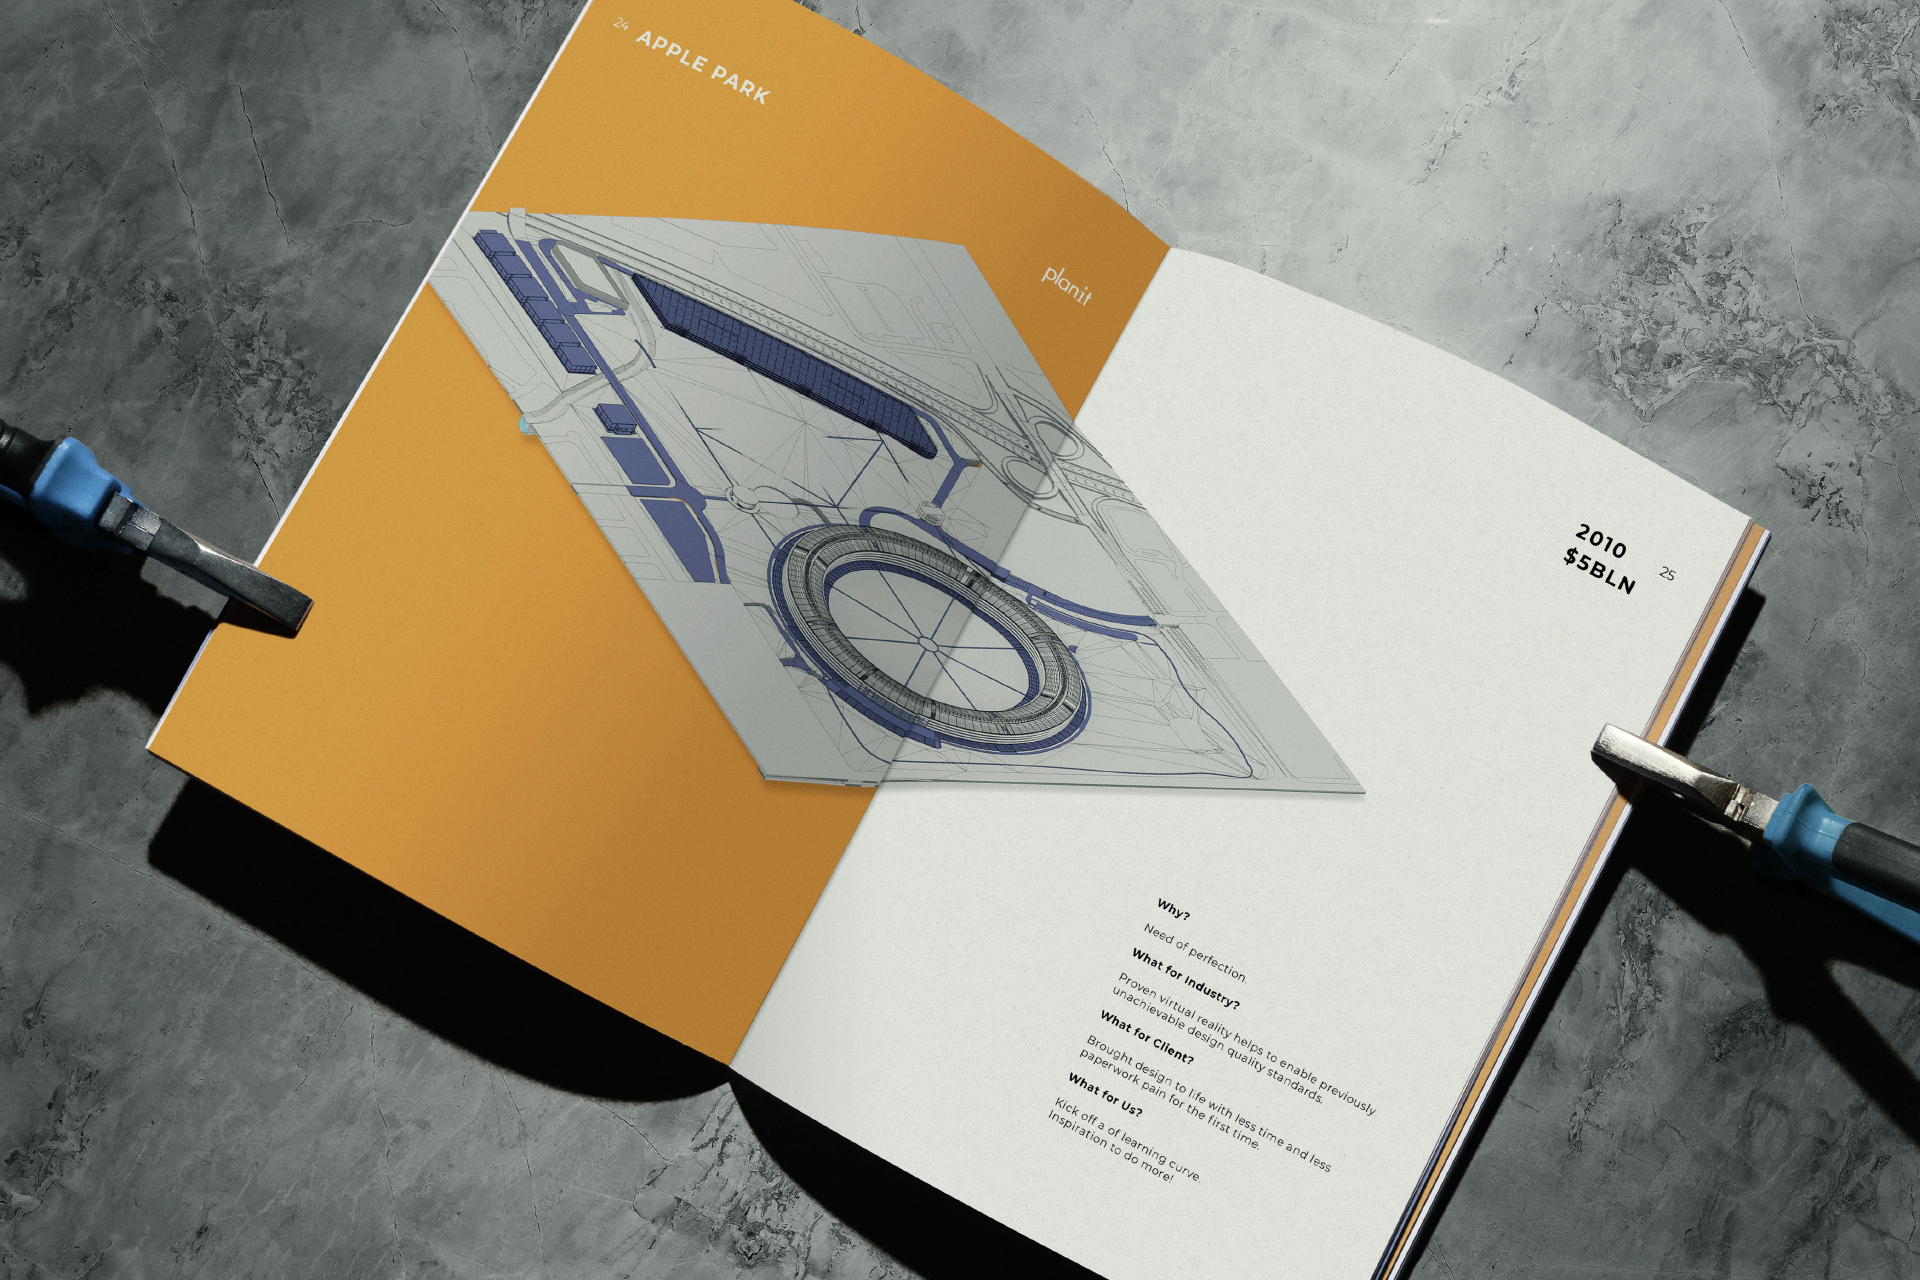 2X1A9643-copy-3